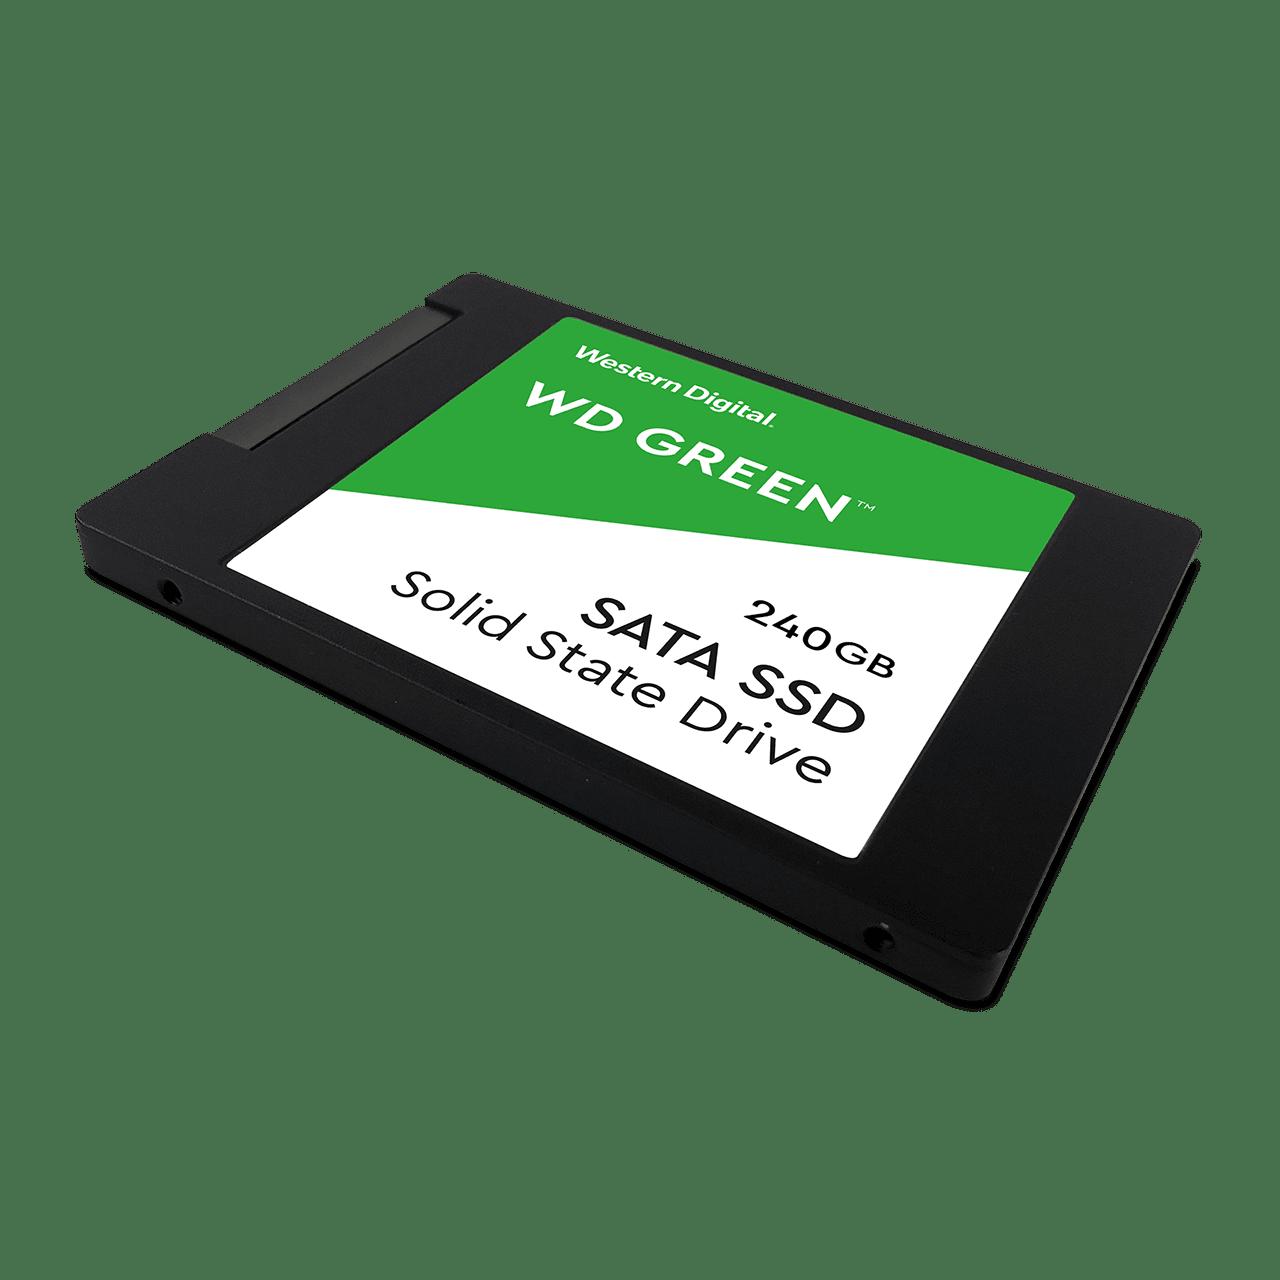 SOLIDO SATA (SSD) 240GB - WESTERN DIGITAL GREEN